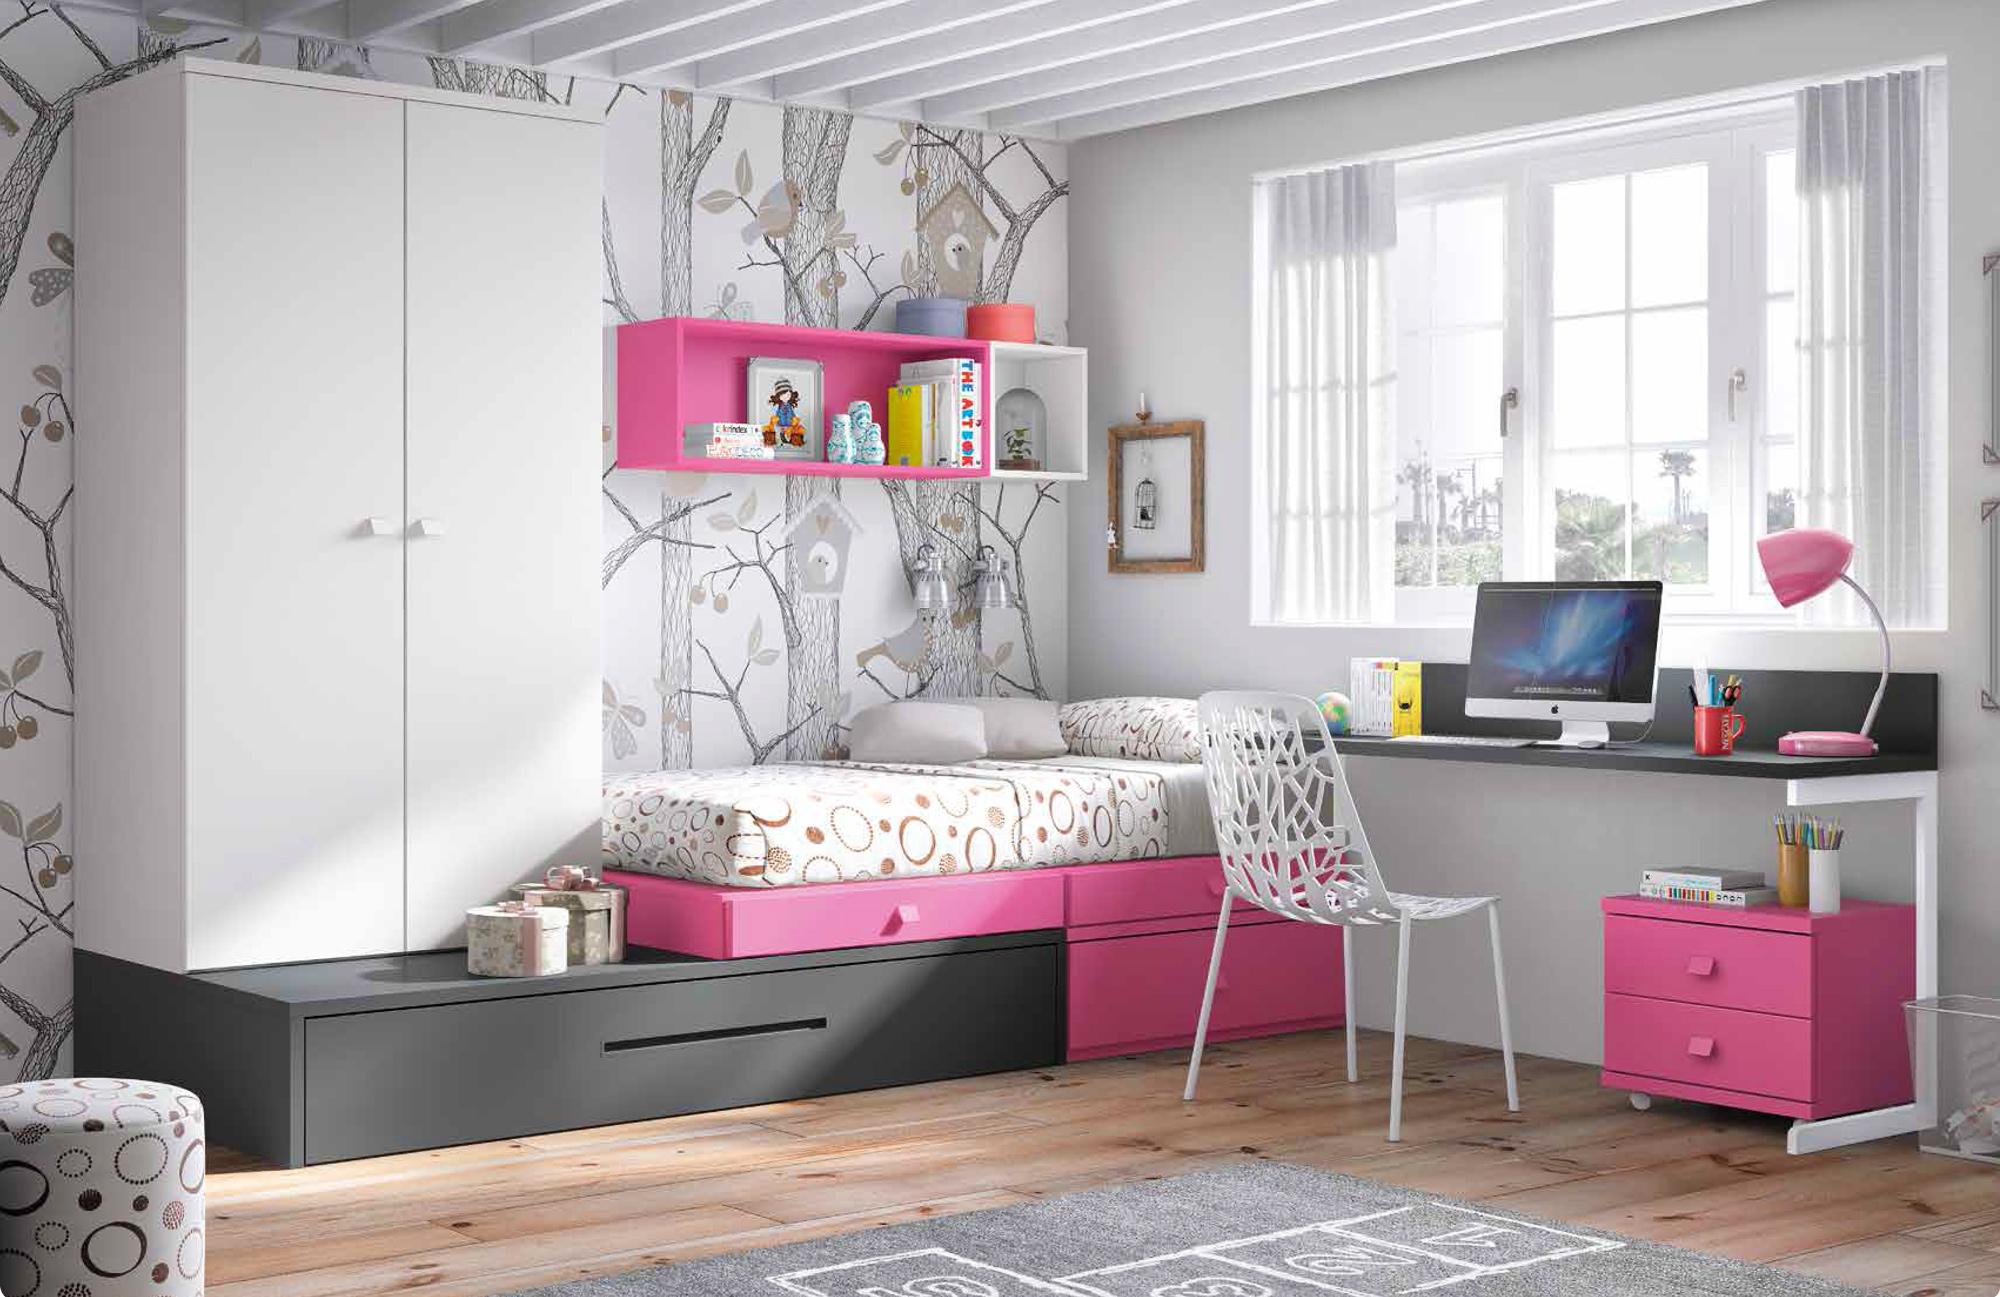 Lit sous fenetre lit sous fenetre position du lit feng - Position du lit ...